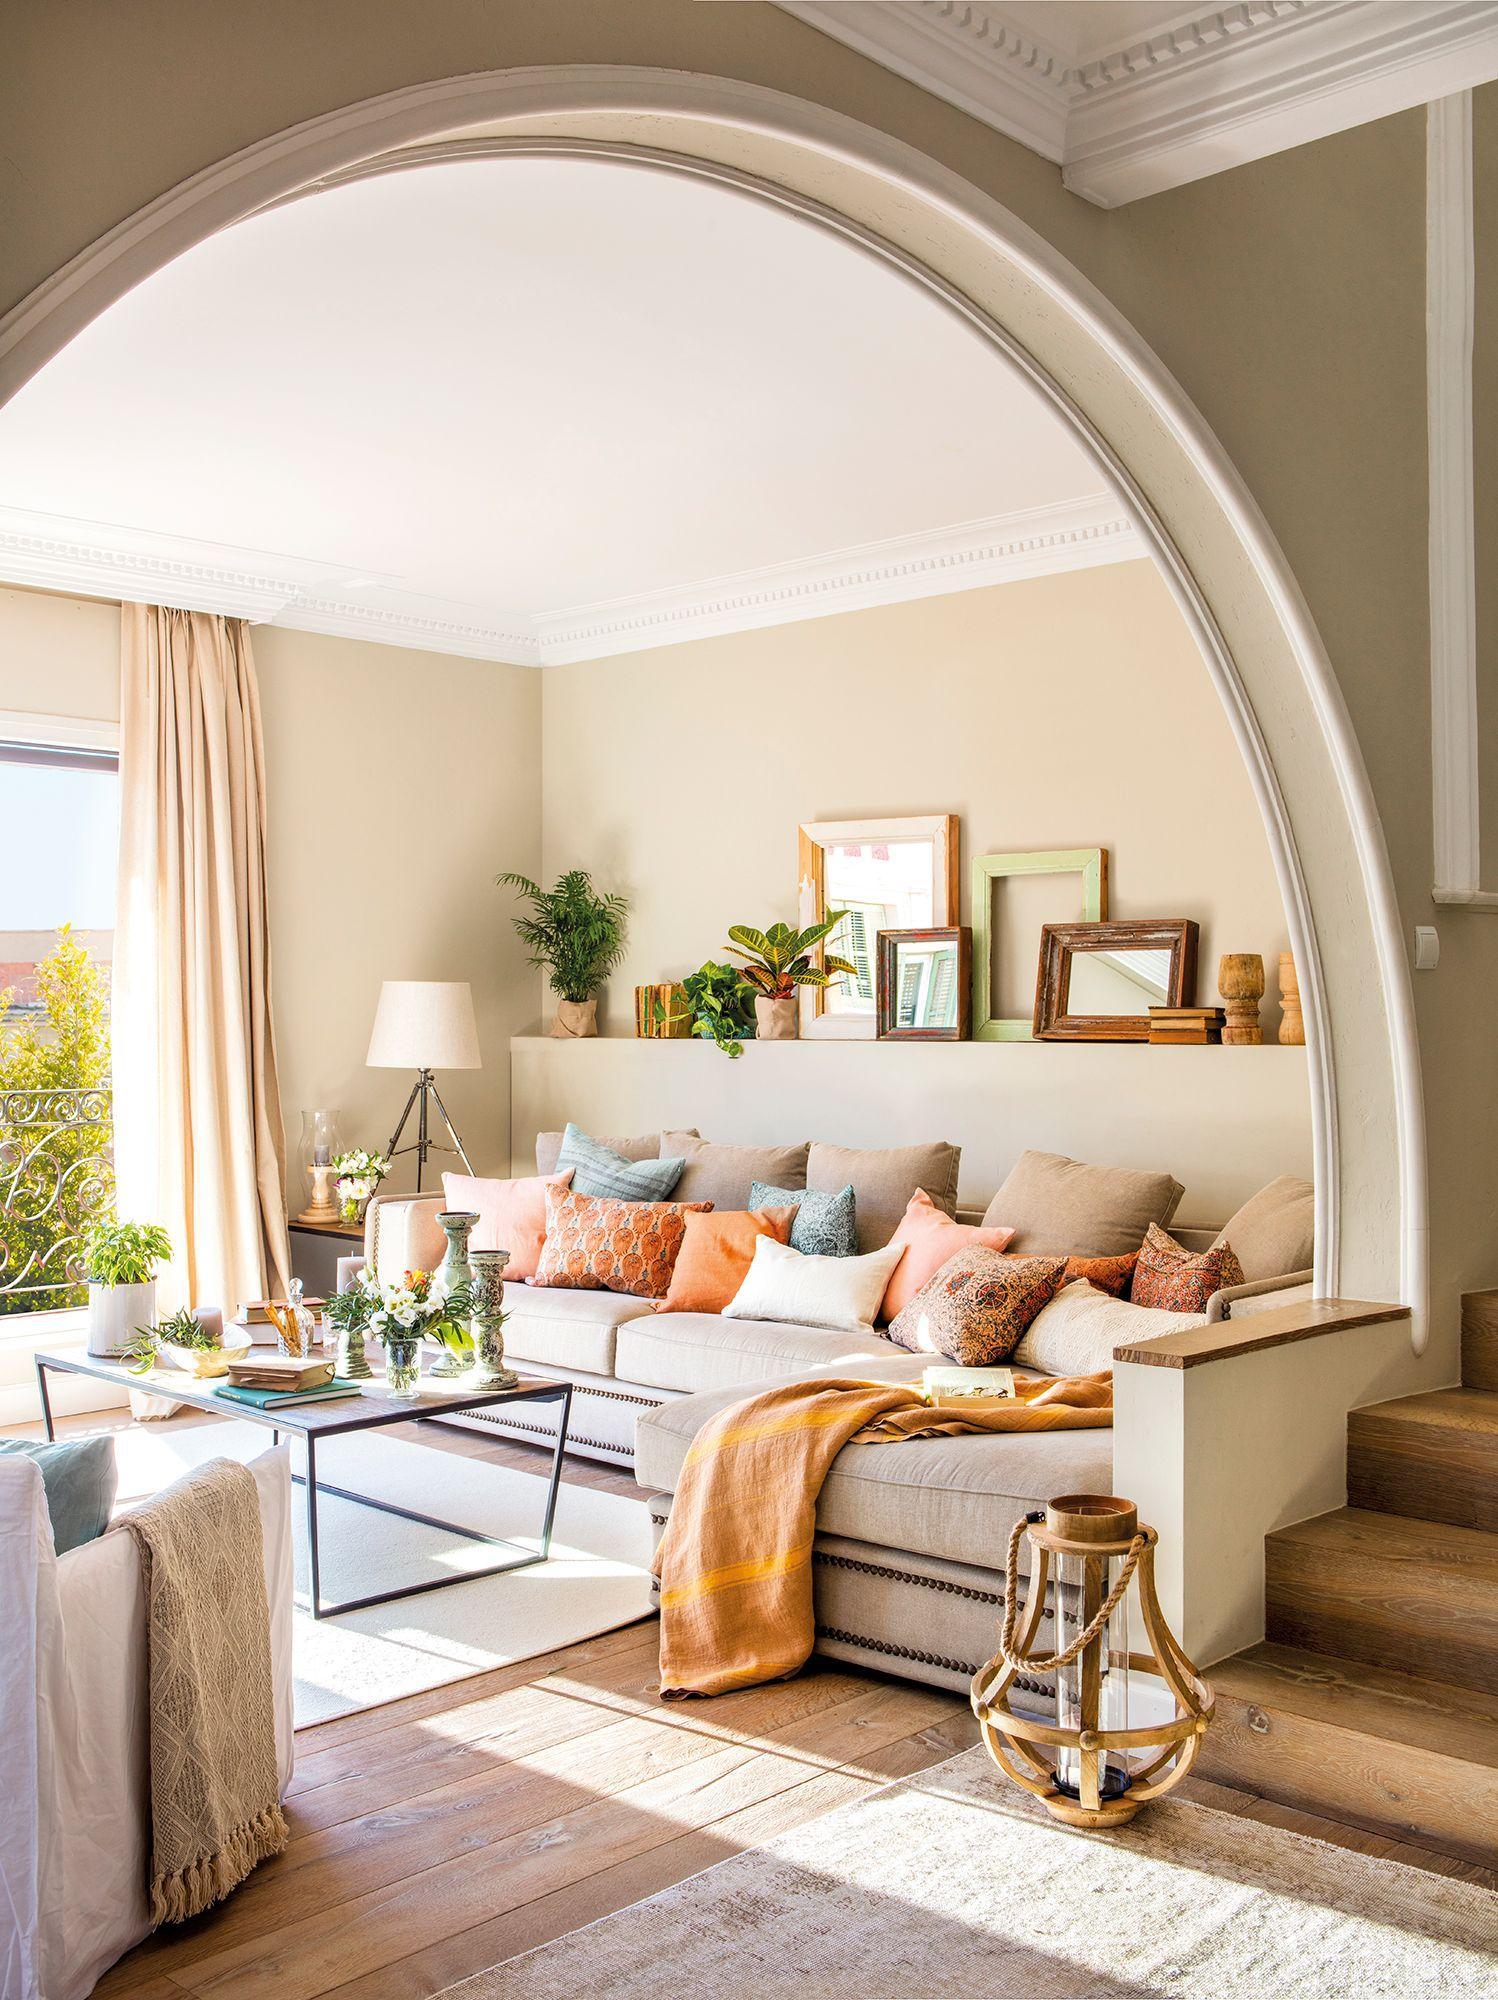 Combinar Dos Pavimentos Diferentes Para Separar Ambientes Decoracion De Interiores Interiores De Casa Decoracion De Unas